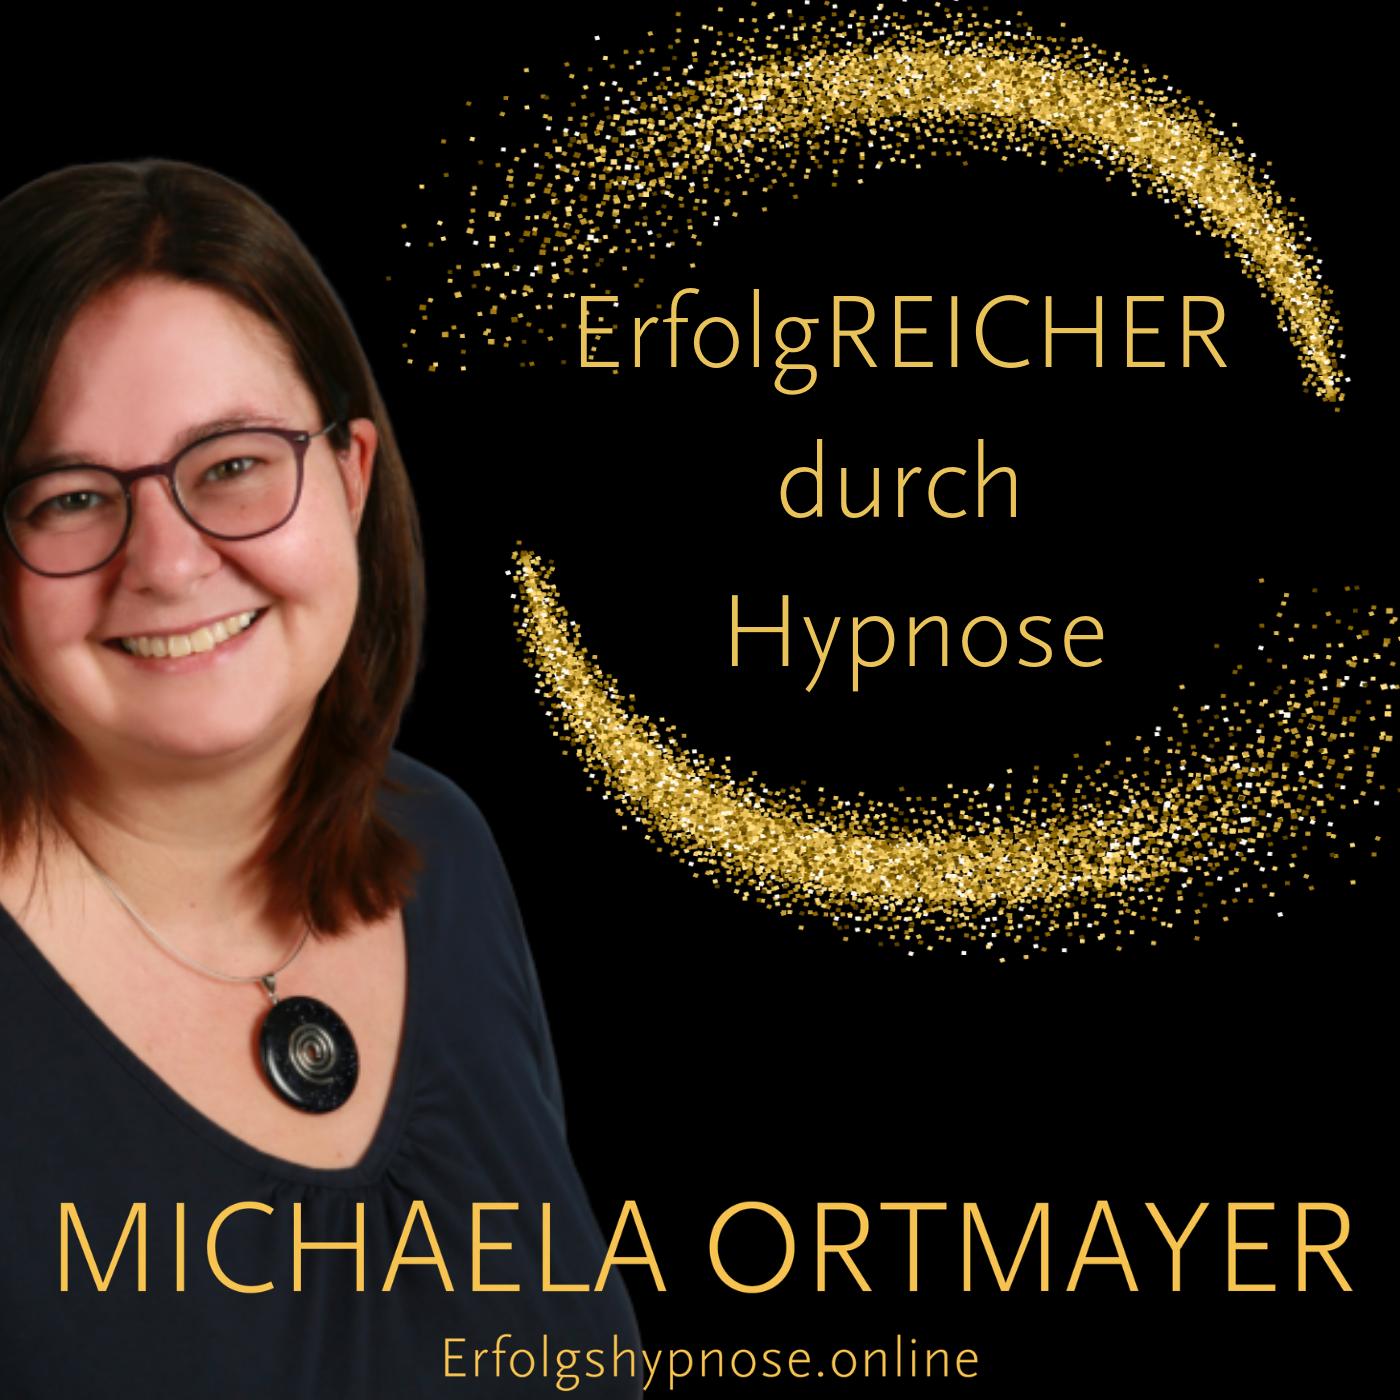 ErfolgREICHER durch Hypnose - als Entrepreneur,Selbstständiger oder Unternehmer